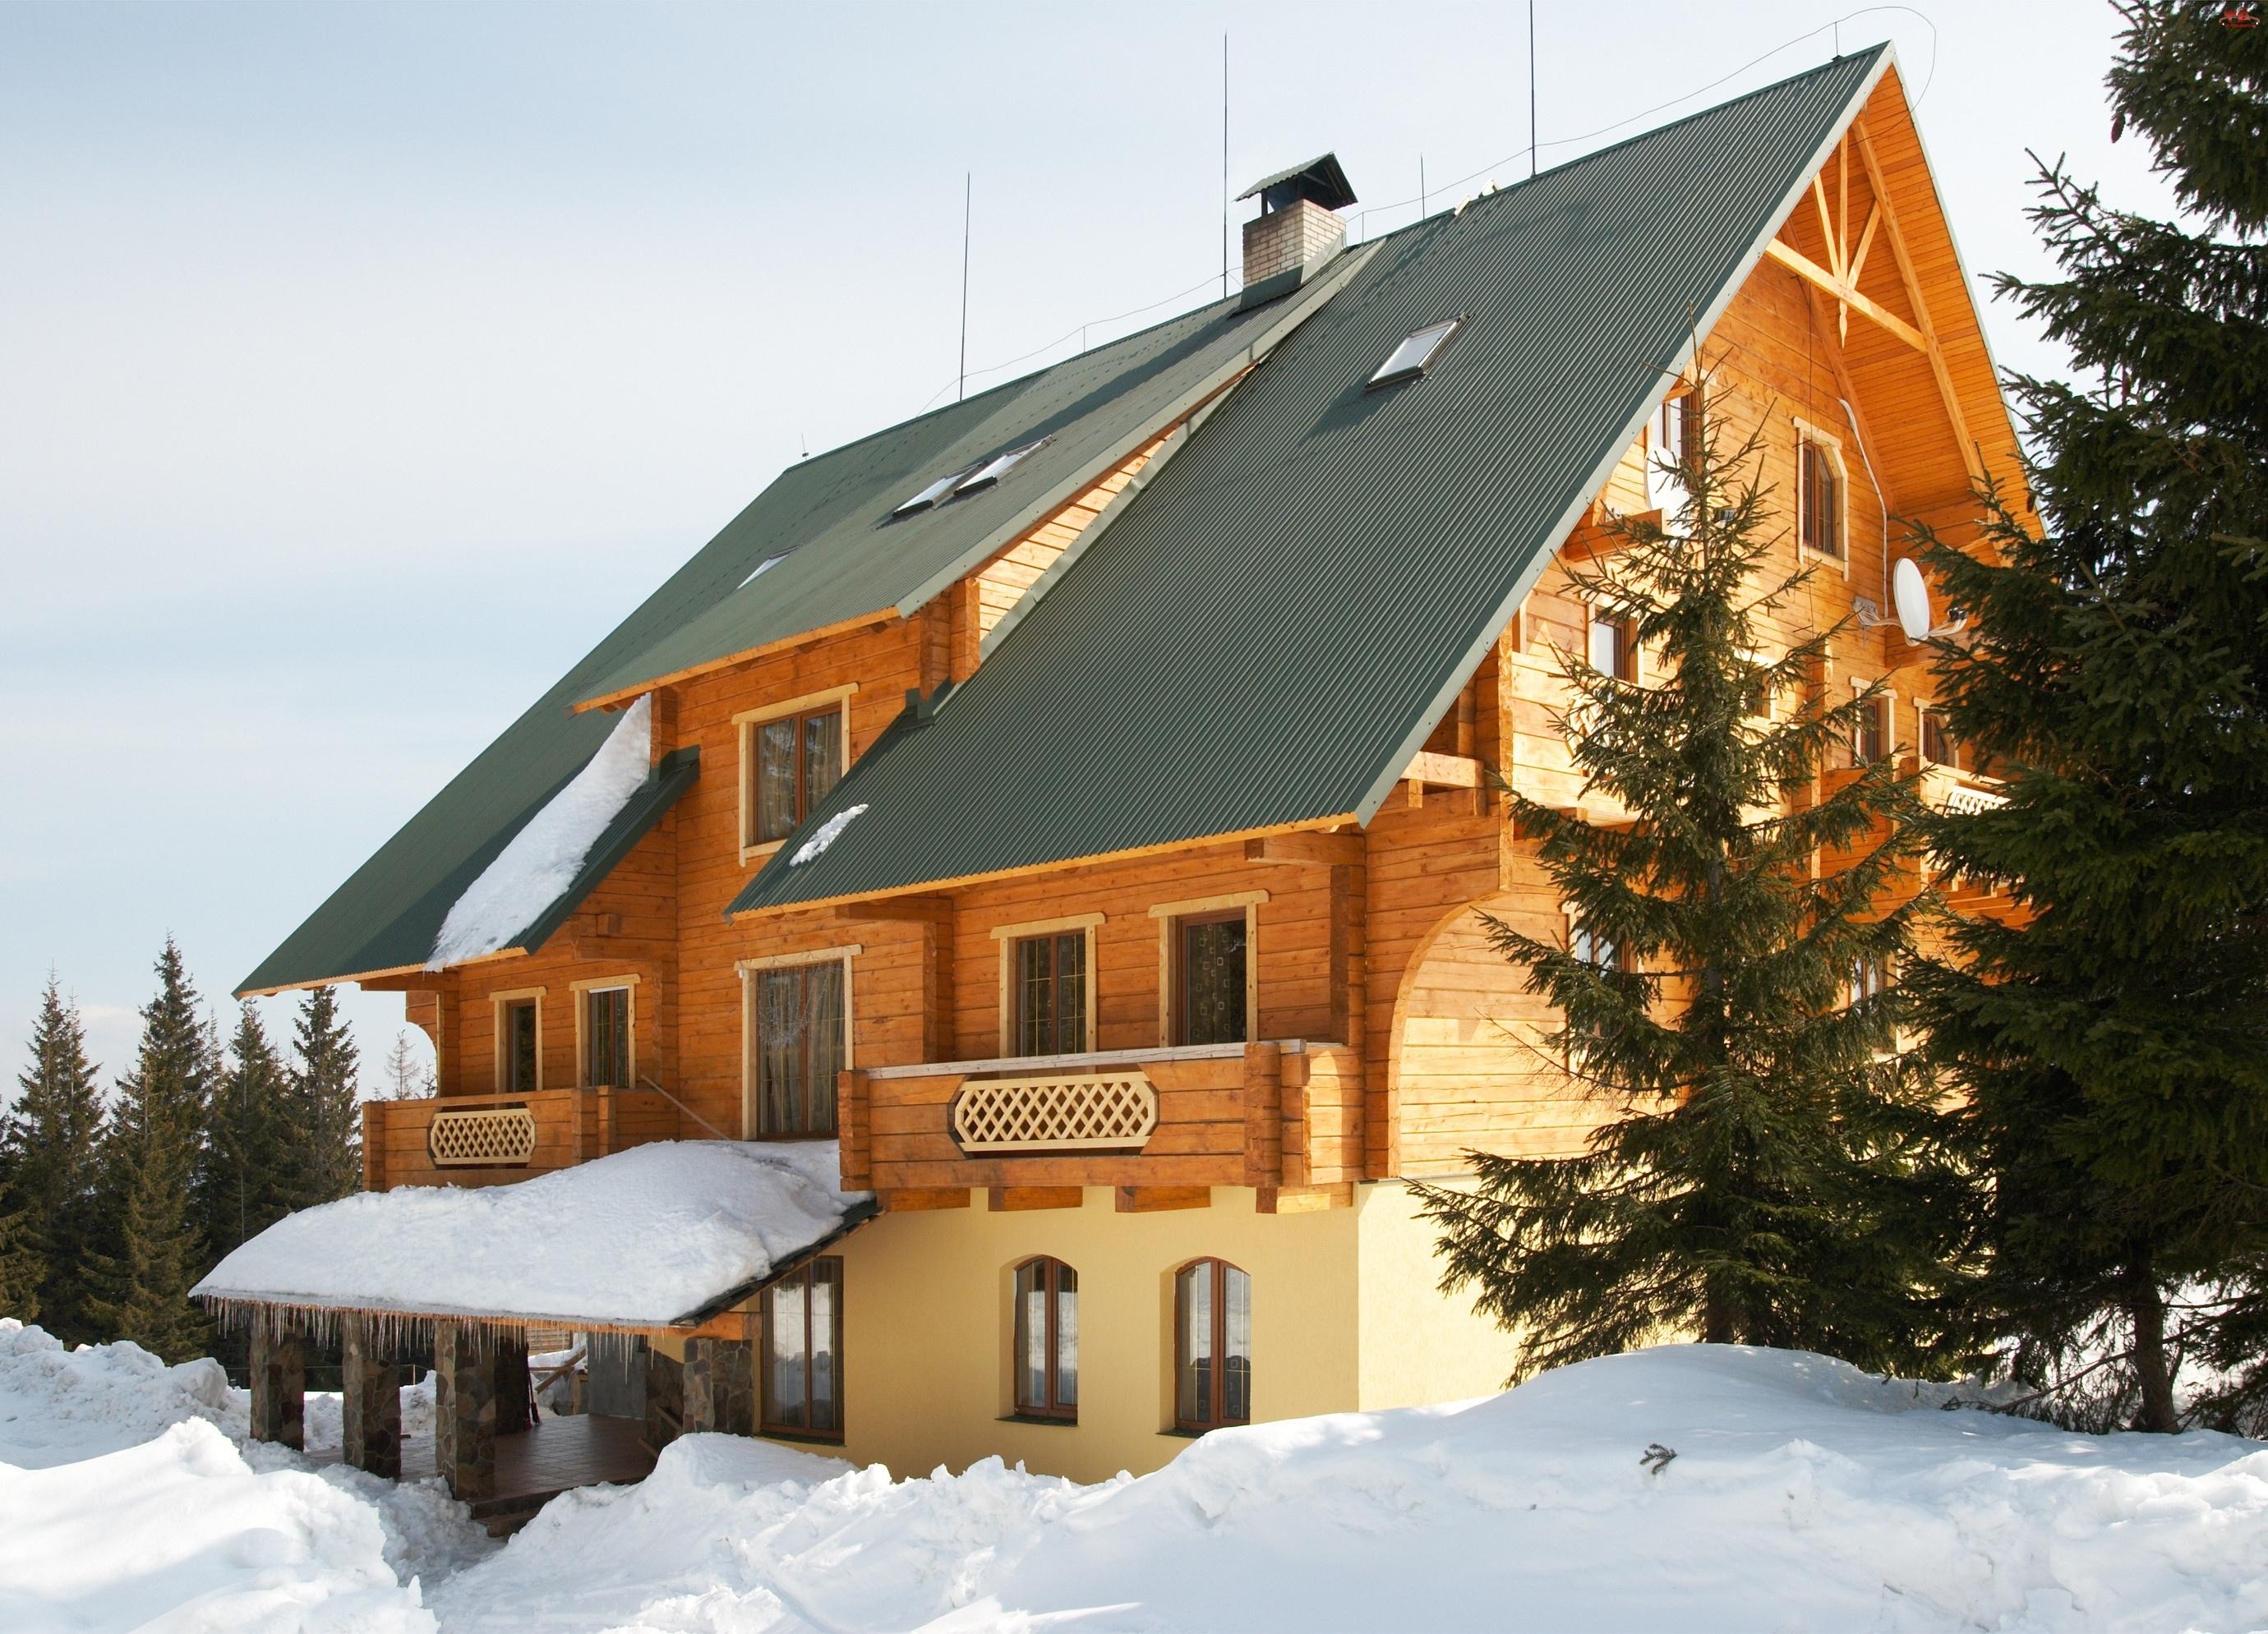 Domek, Dach, Śnieg, Spadzisty